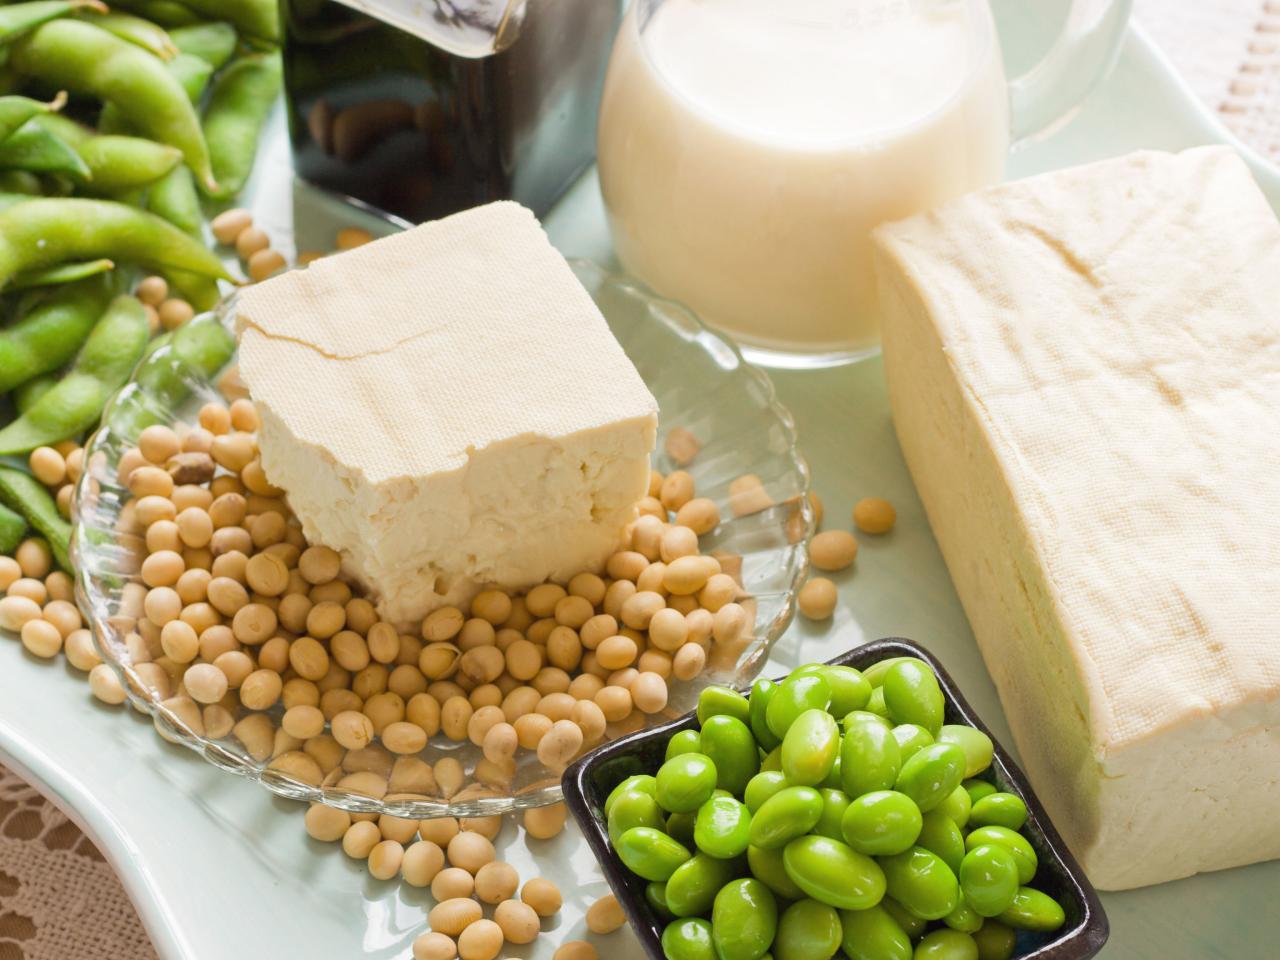 4 thực phẩm có sức mạnh đẩy lùi lão hóa hiệu quả